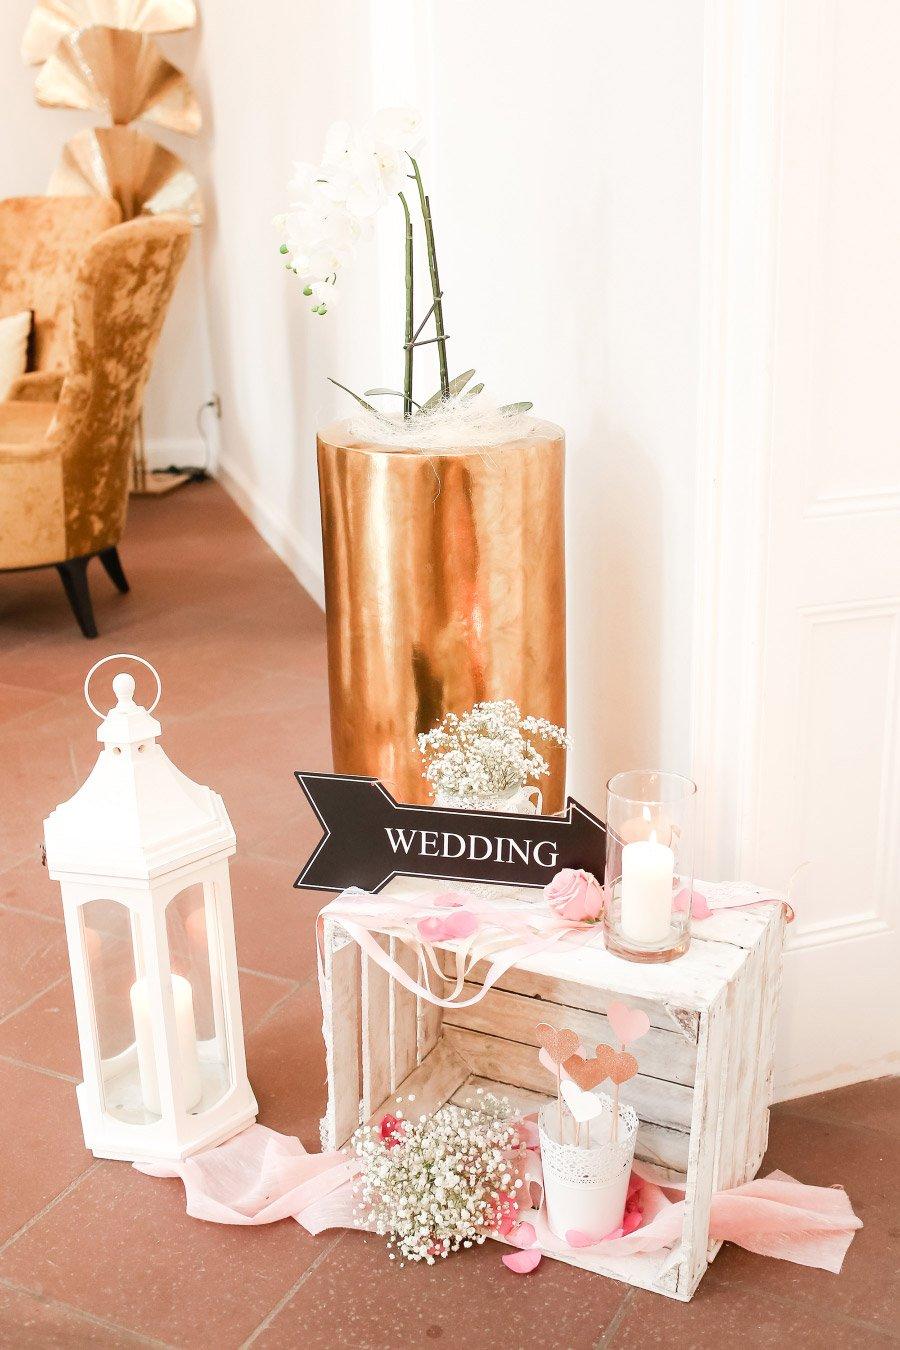 Dekoration mit Lampe und Holzkiste bei der Hochzeit